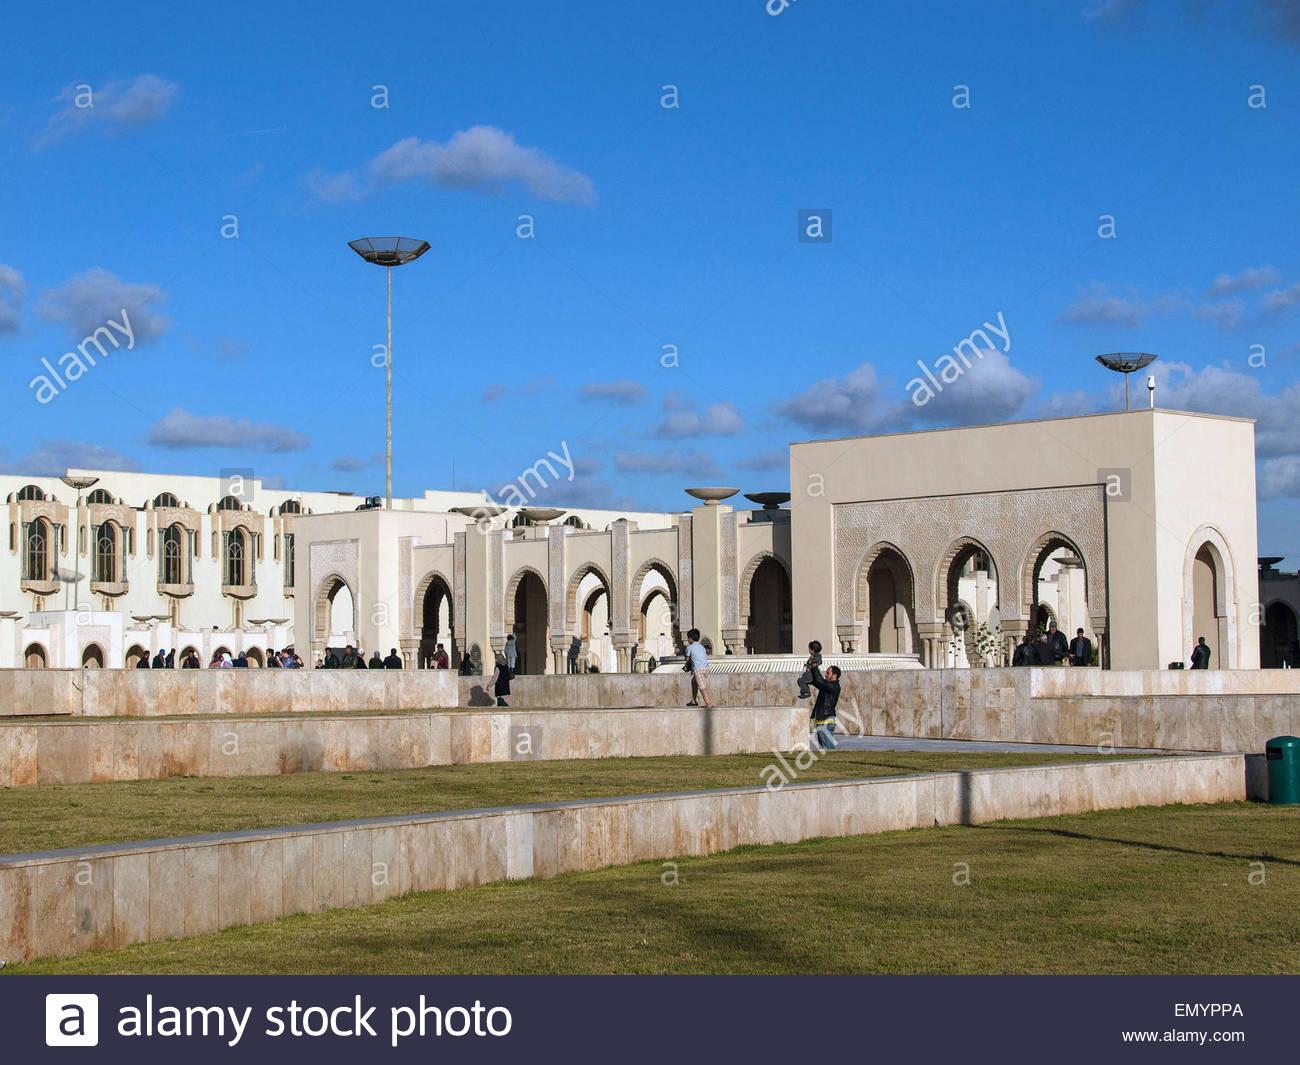 La biblioteca di Casablanca, Marocco Immagini Stock